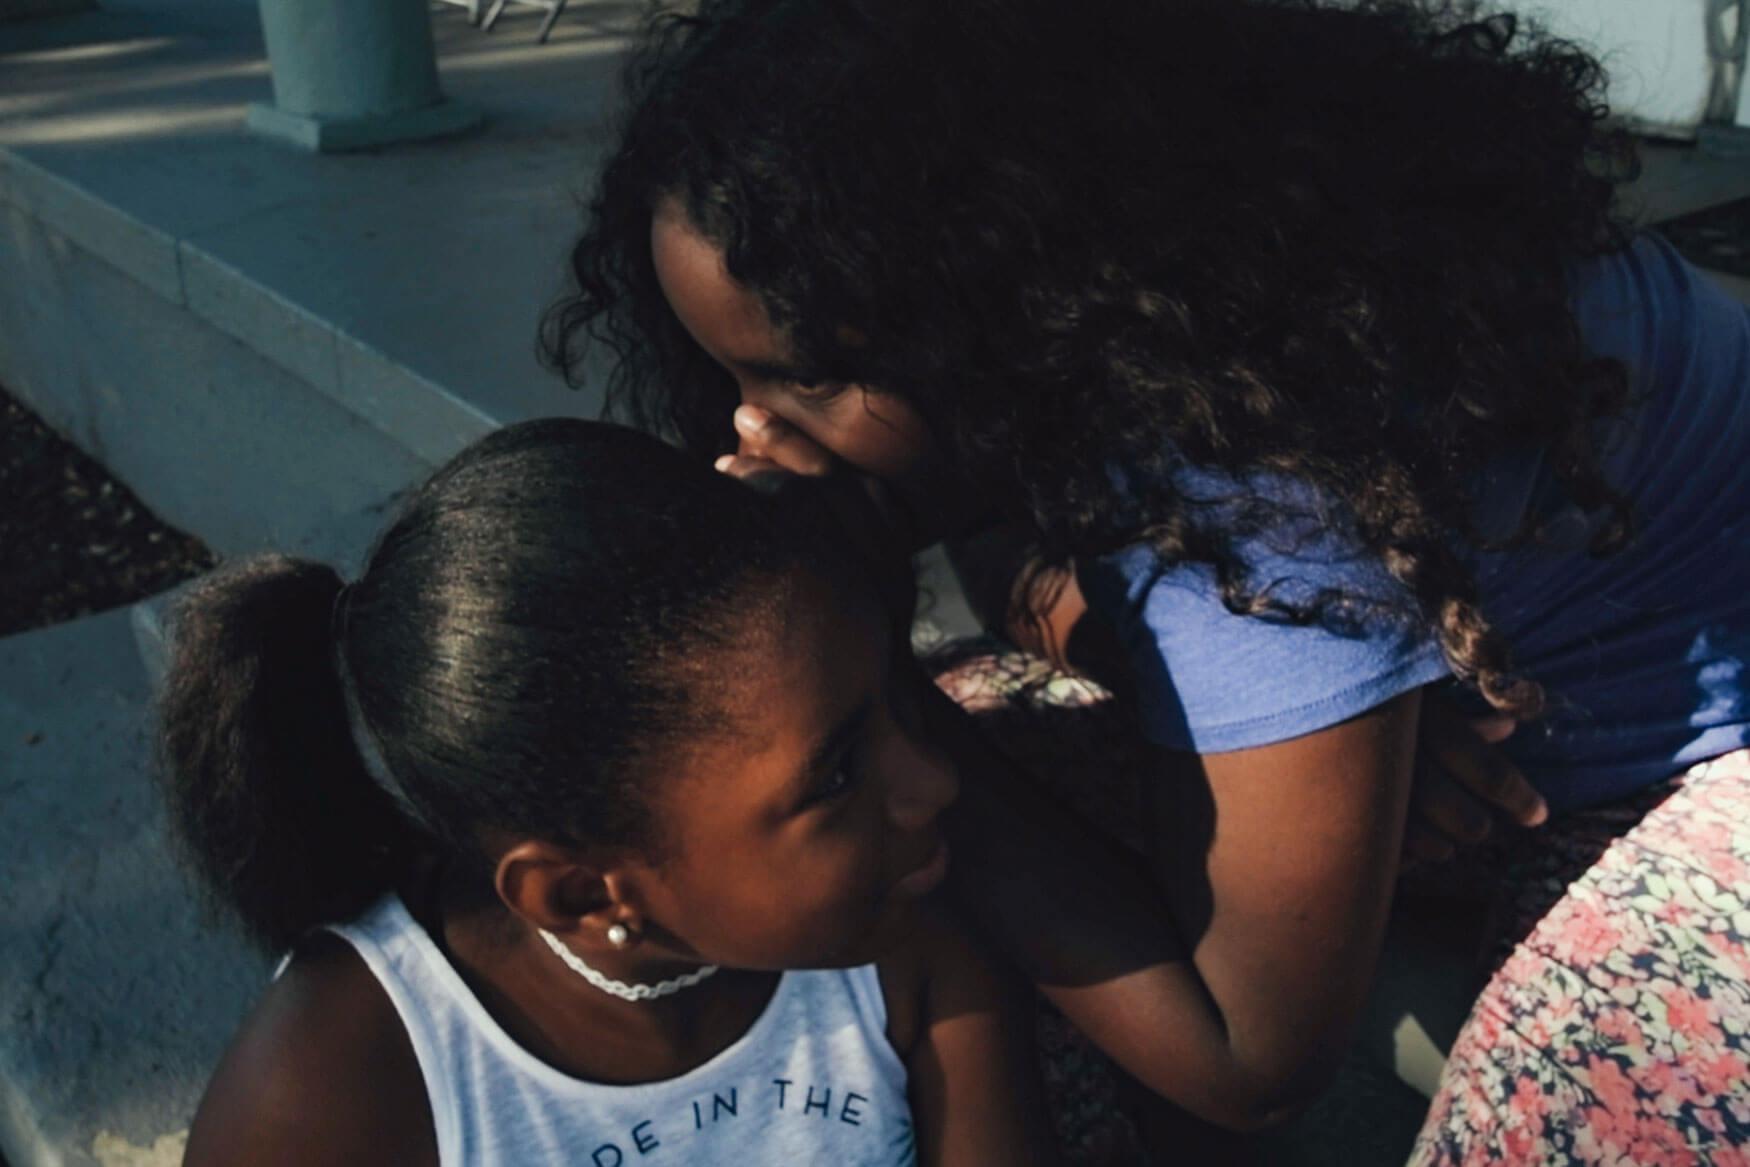 Cena do documentário Uma Canção para Latasha. Nesta imagem, vemos duas garotas negras que aparentam ter 12 anos. A garota da direita está cochichando no ouvido da garota da direita. A garota da direita está com os cabelos soltos e veste camiseta roxa. A menina da esquerda está com os cabelos amarrados e veste camiseta regata branca. Elas estão sentadas uma do lado da outra em uma varanda de uma casa.